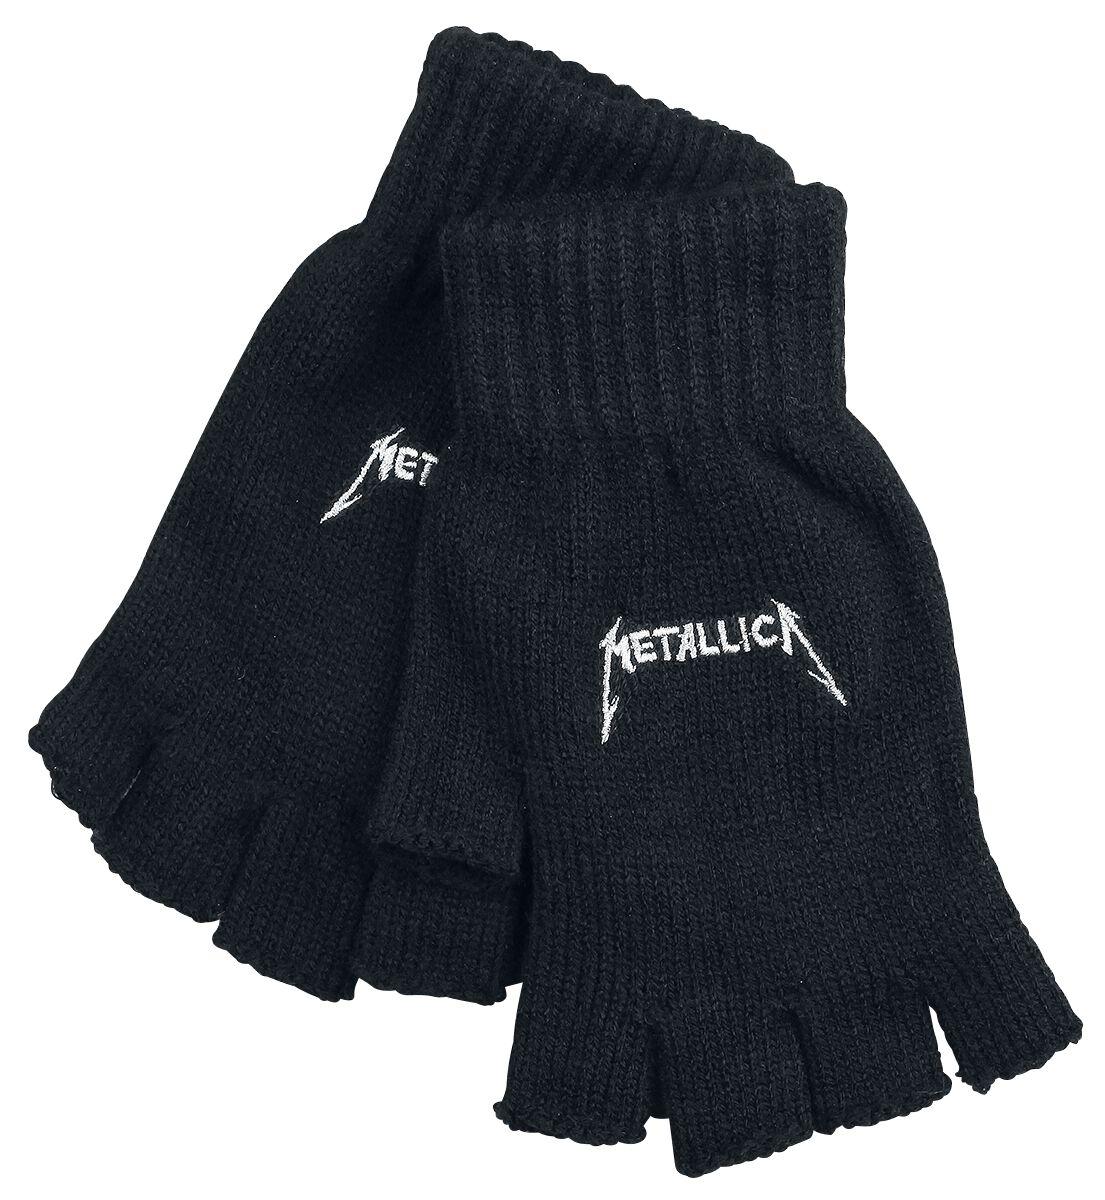 Image of   Metallica Logo Fingerløse handsker sort